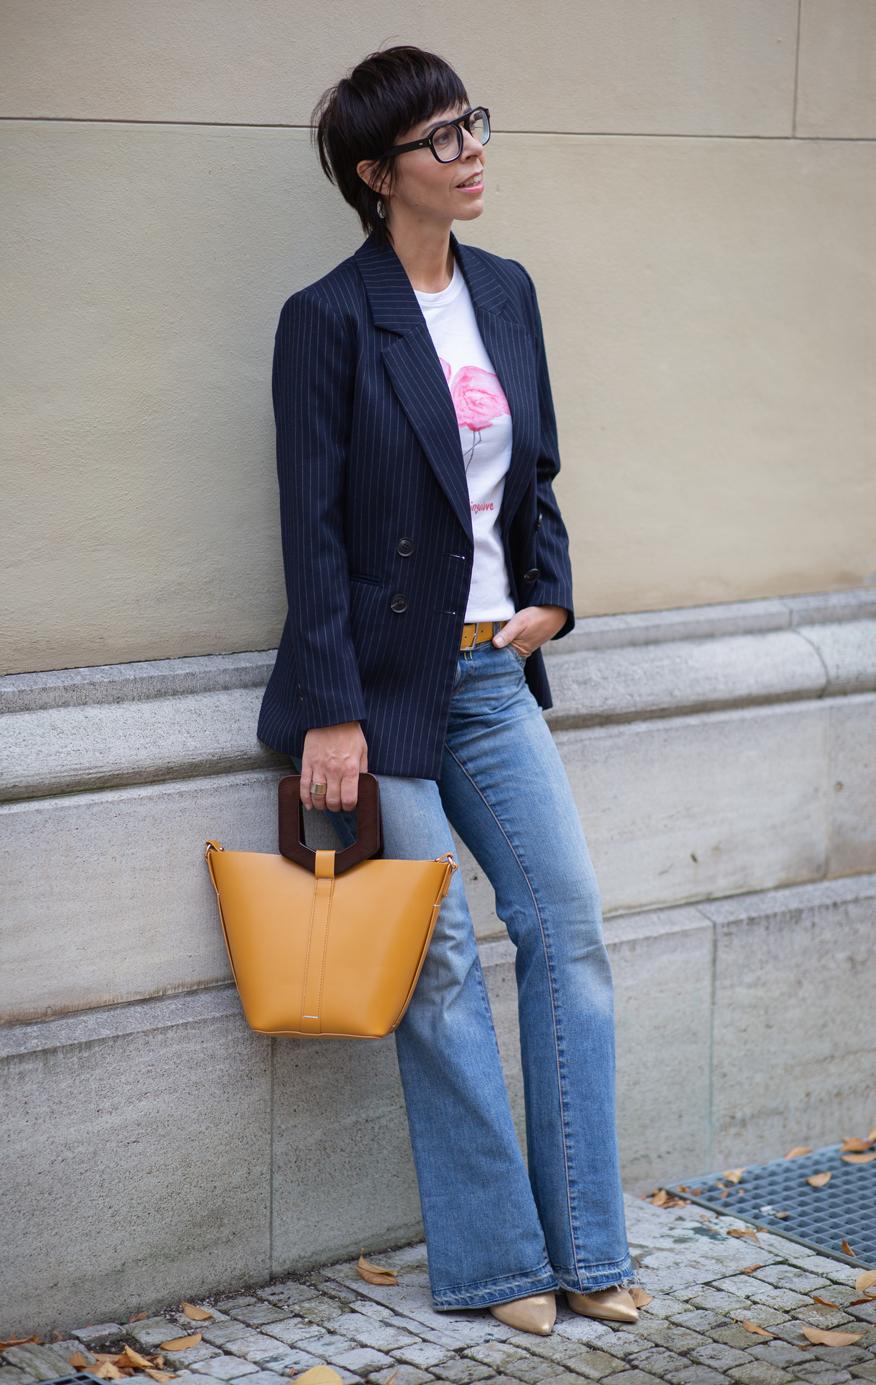 Frau mit Jeanshose und blauen Blazer